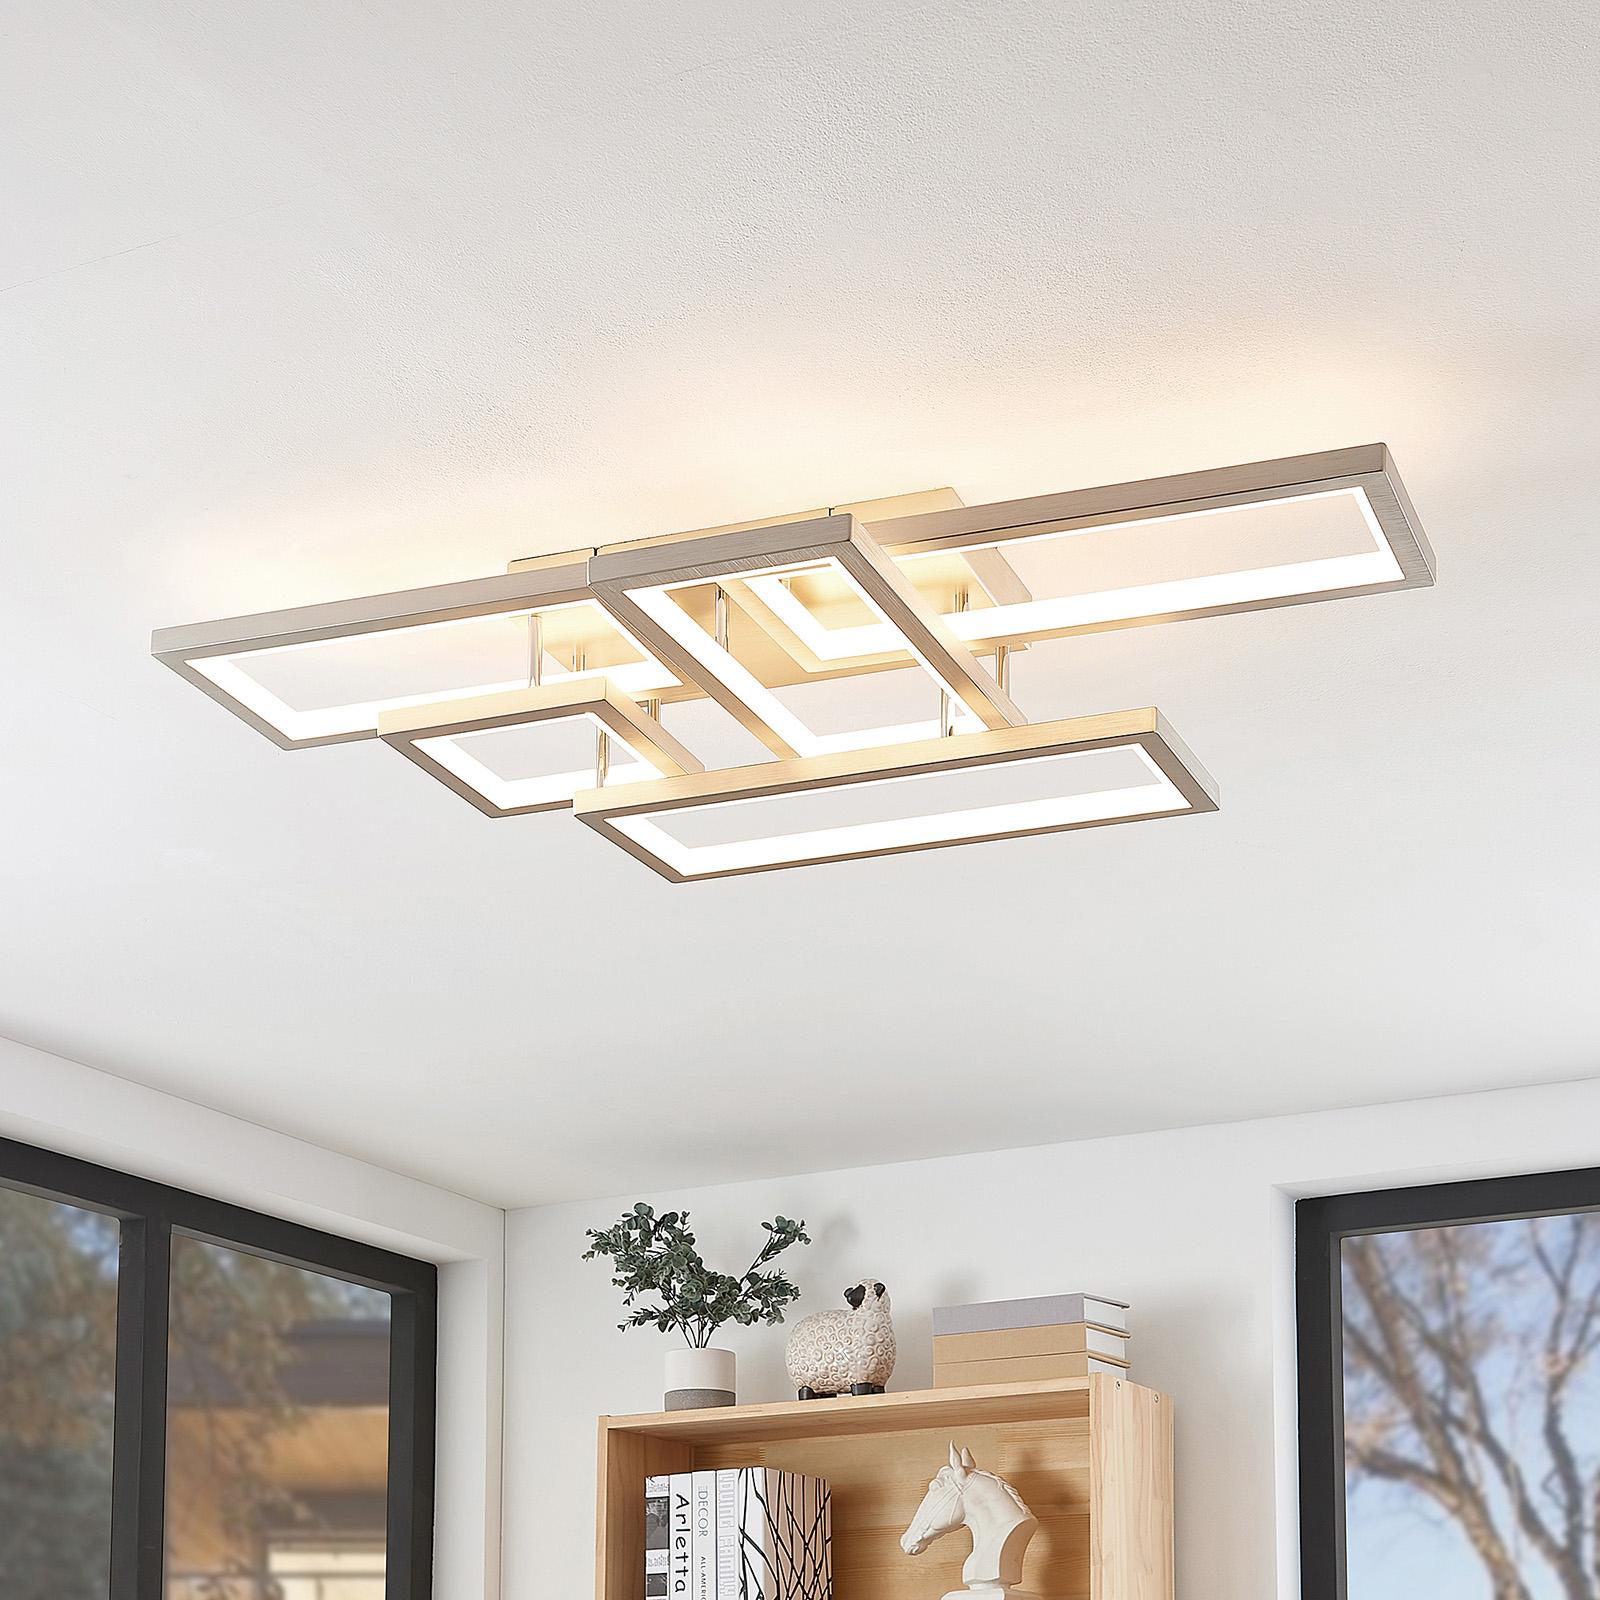 Lucande Avilara plafonnier LED aluminium, dimmable